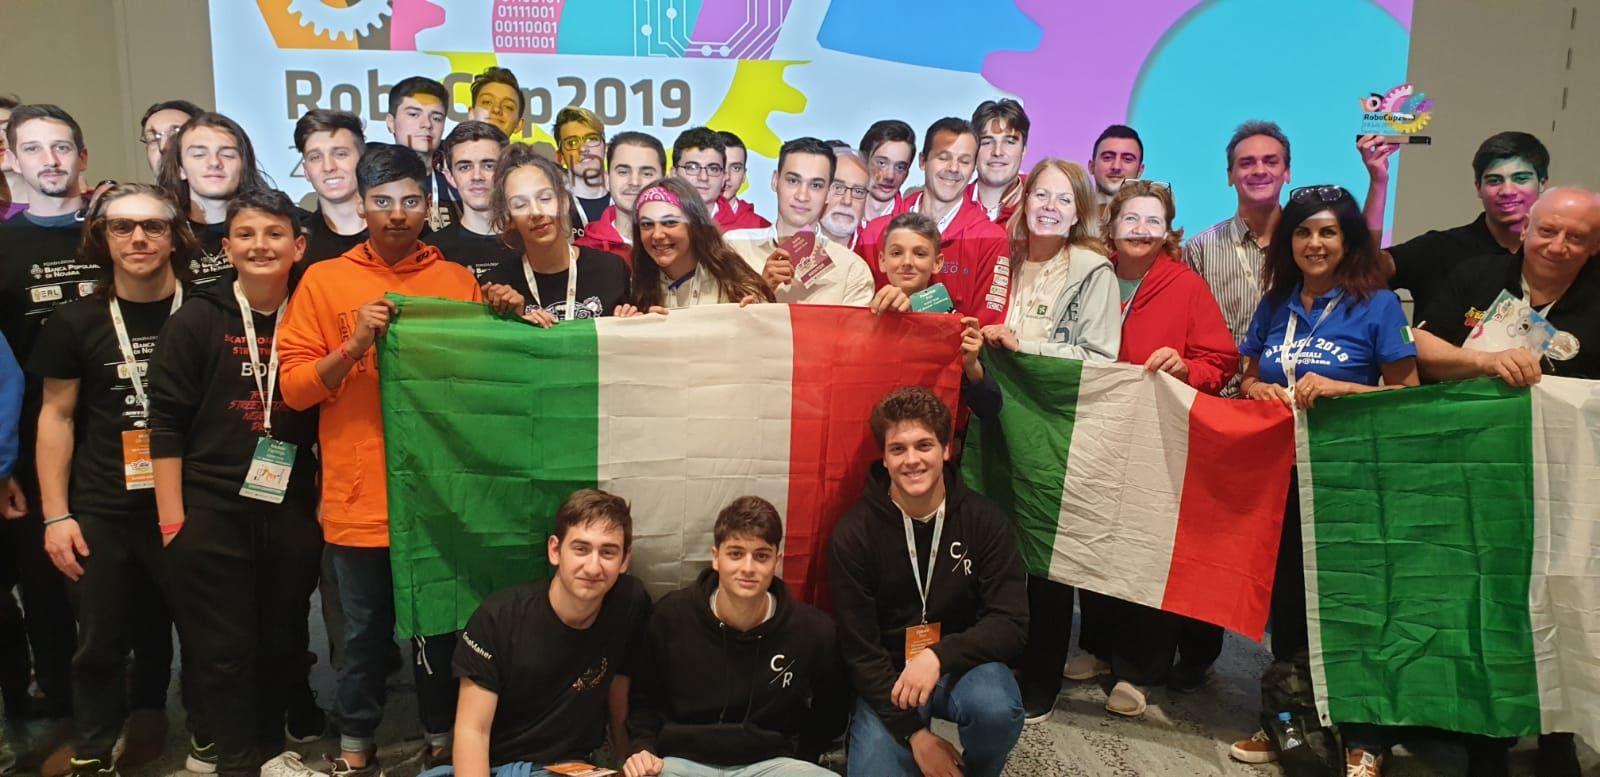 IVREA - Gli studenti dell'Olivetti ai mondiali di robotica a Sydney